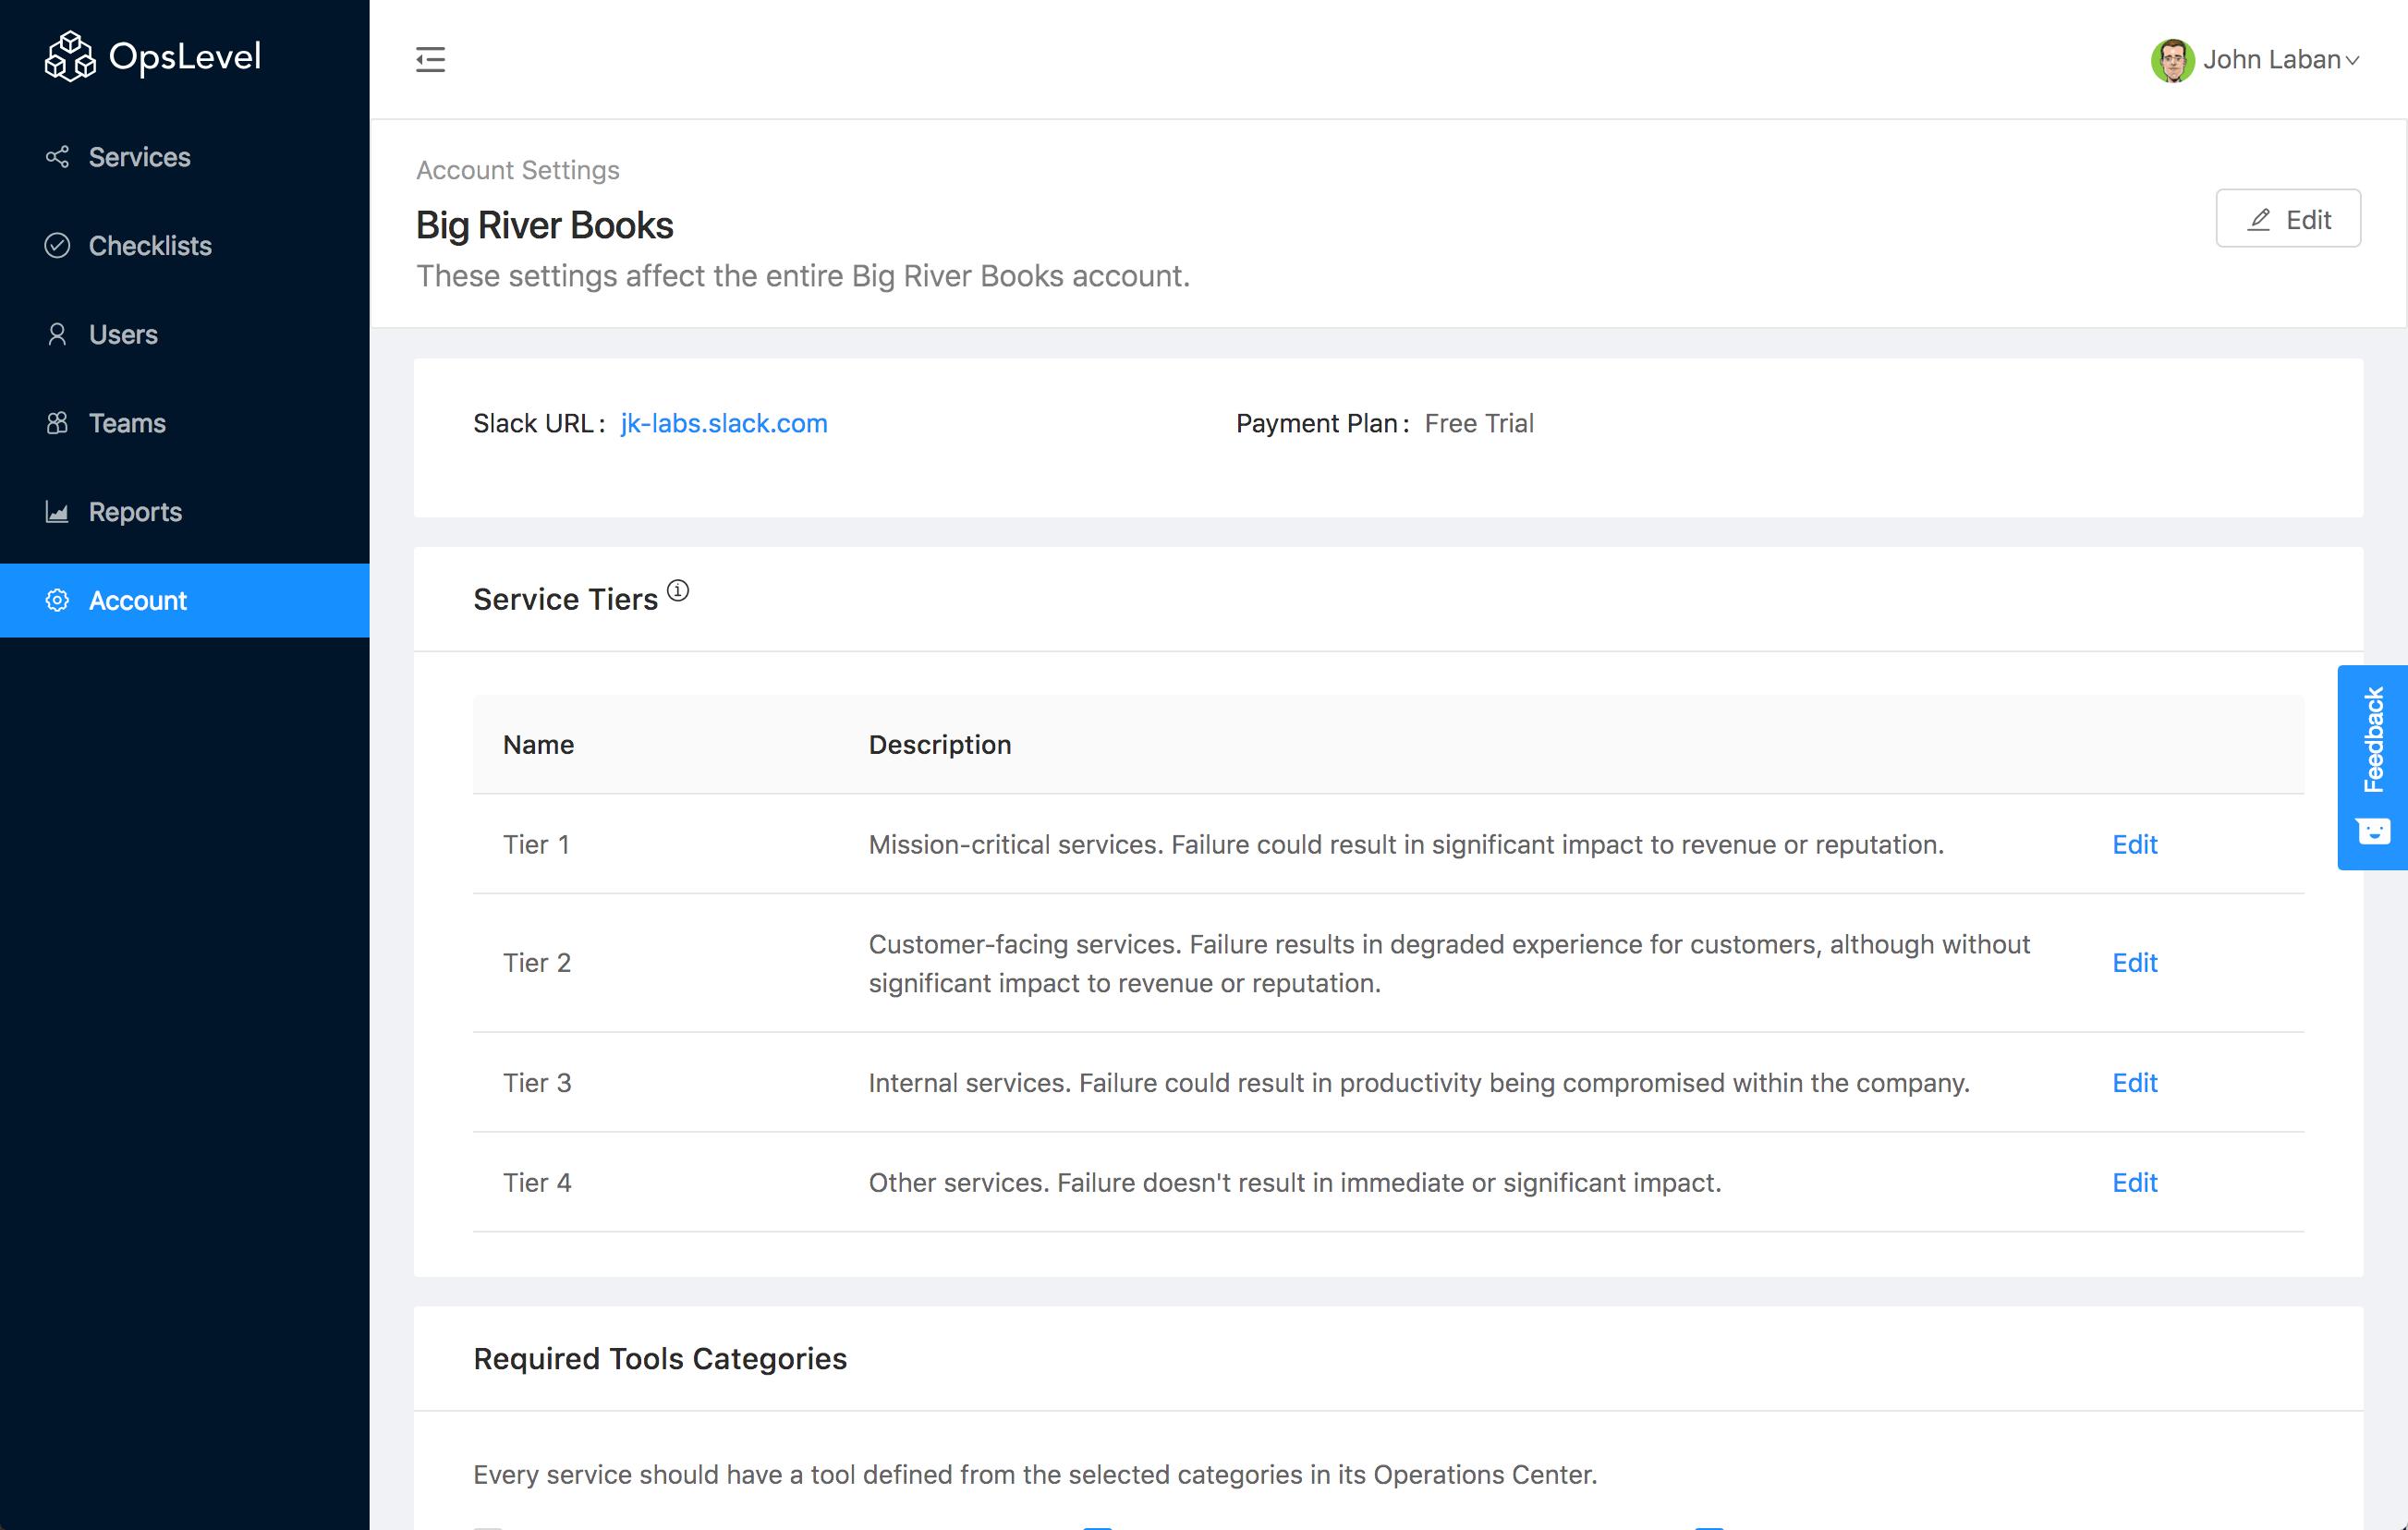 Tier List Screenshot